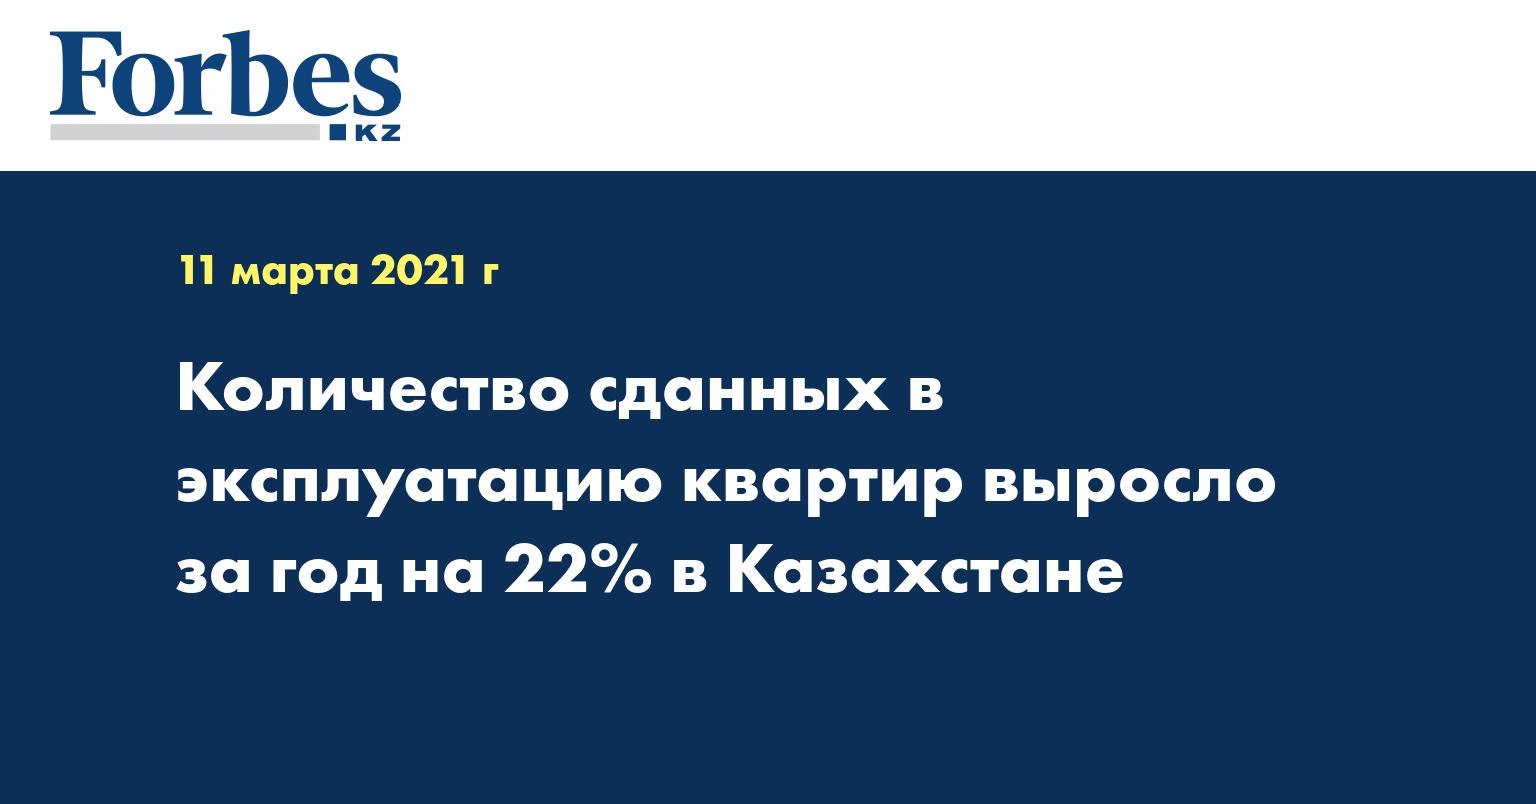 Количество сданных в эксплуатацию квартир выросло за год на 22% в Казахстане